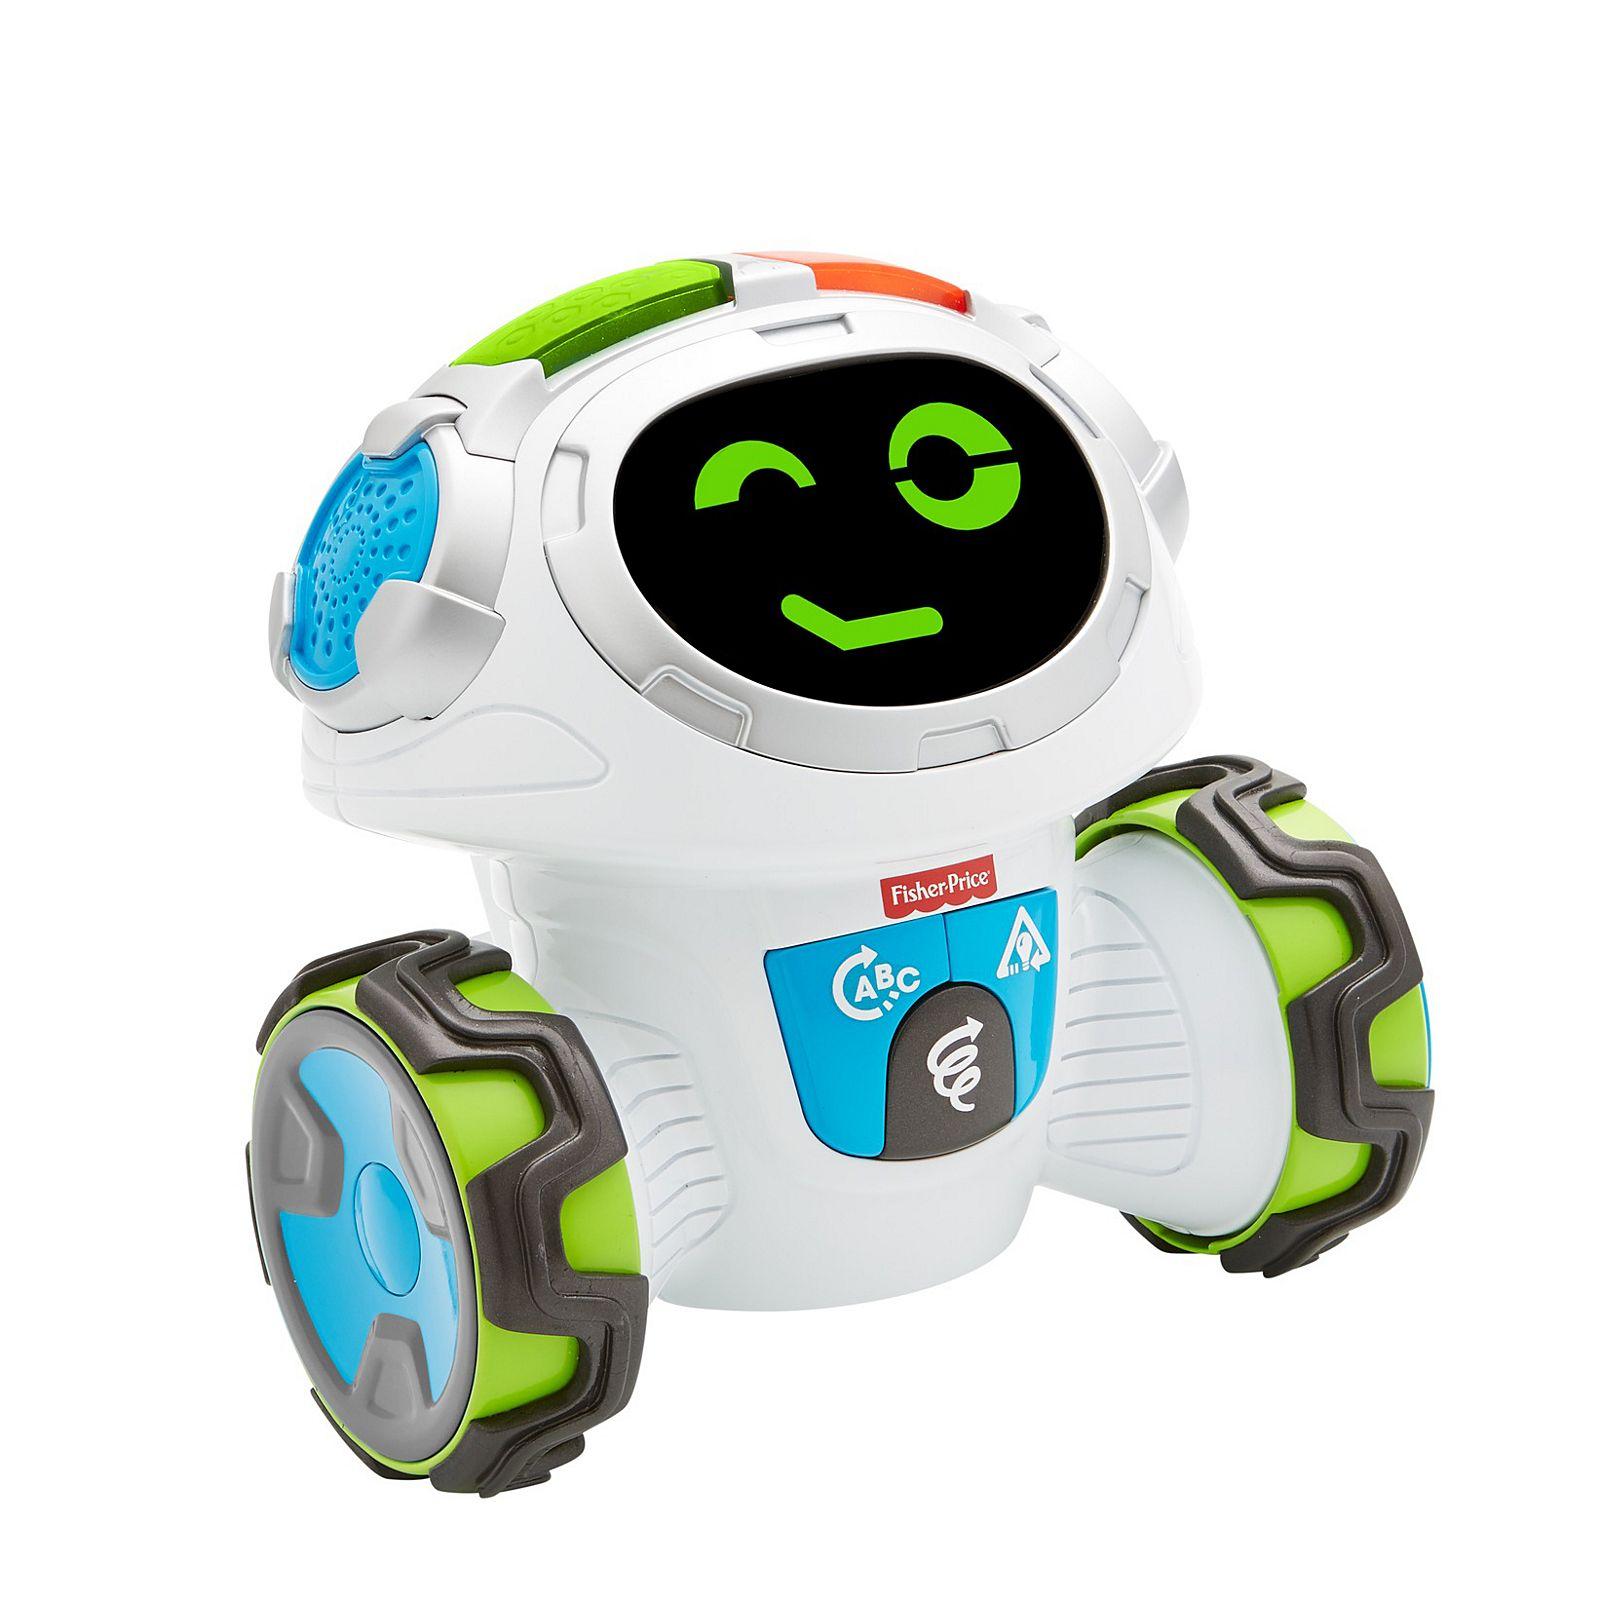 Обучающий робот Мови с играми и меняющимися эмоциямиРоботы<br>Обучающий робот Мови с играми и меняющимися эмоциями<br>